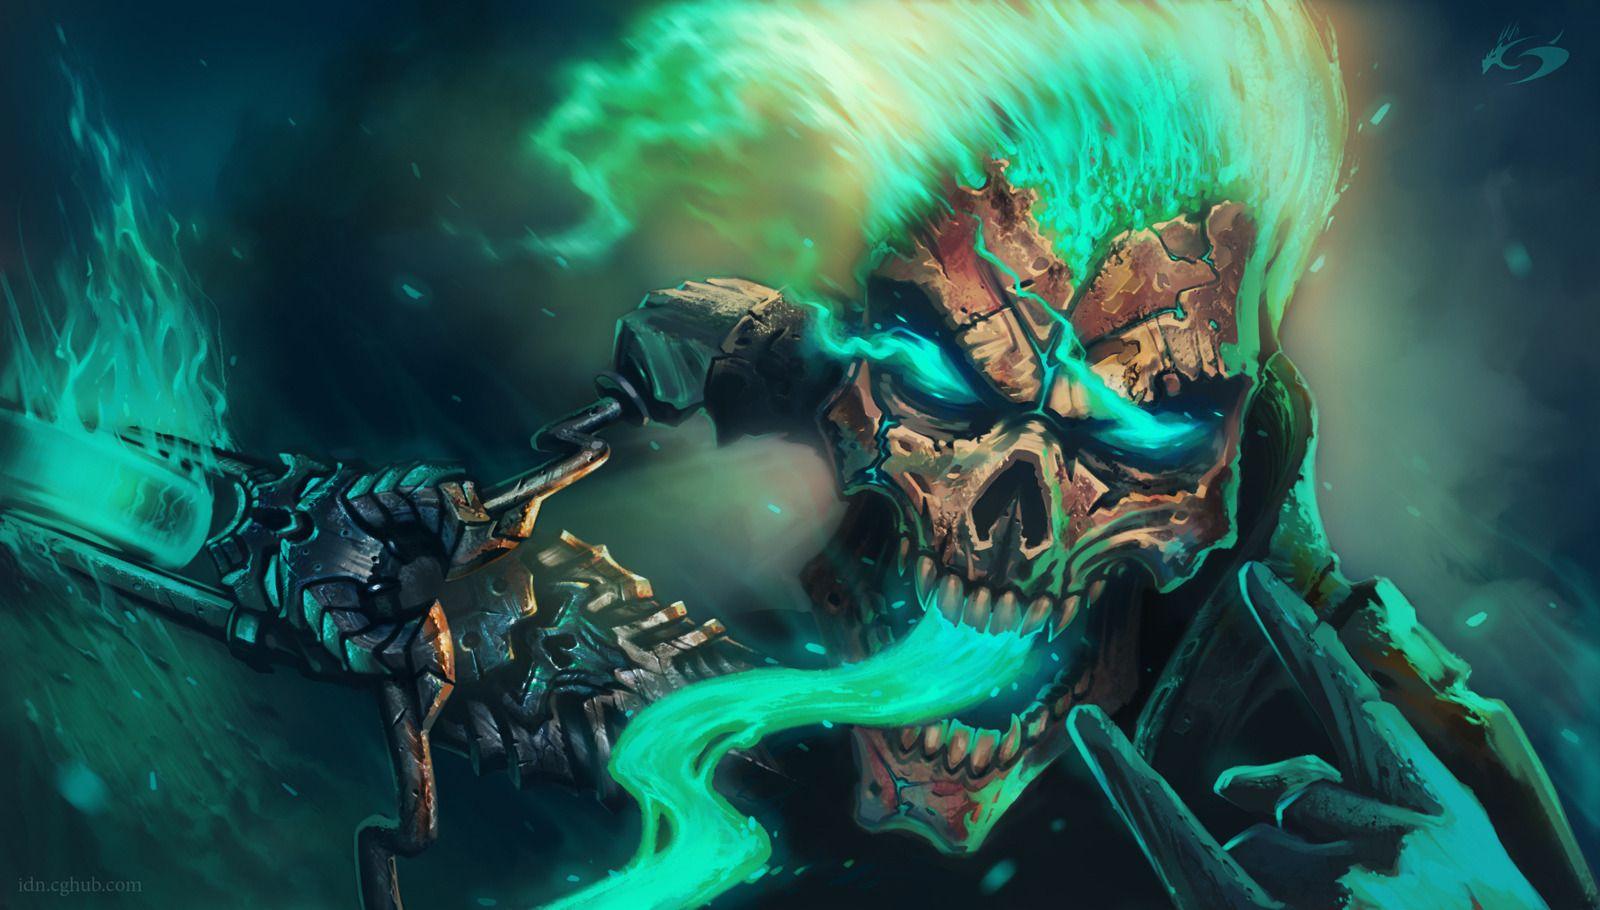 Amazing Ghost Rider By IDN Konzalaev Sergei